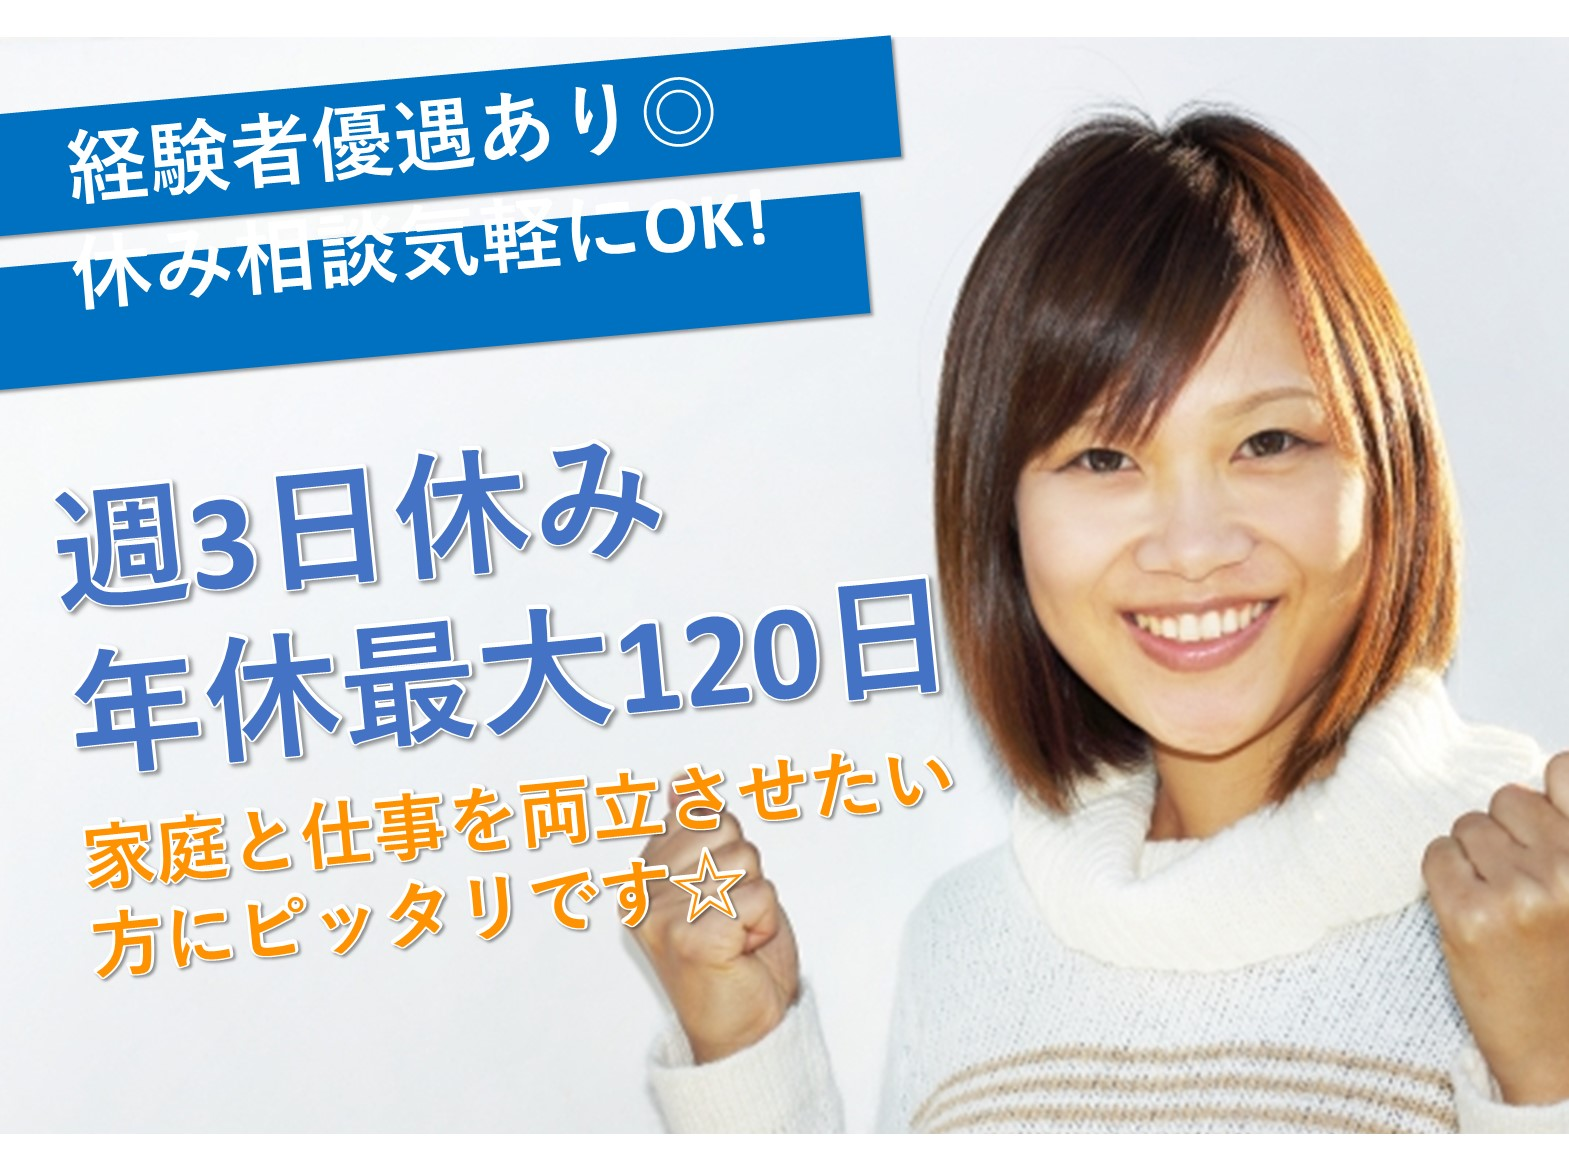 伊万里・佐賀求人ナビ/2019年6月18日最新情報